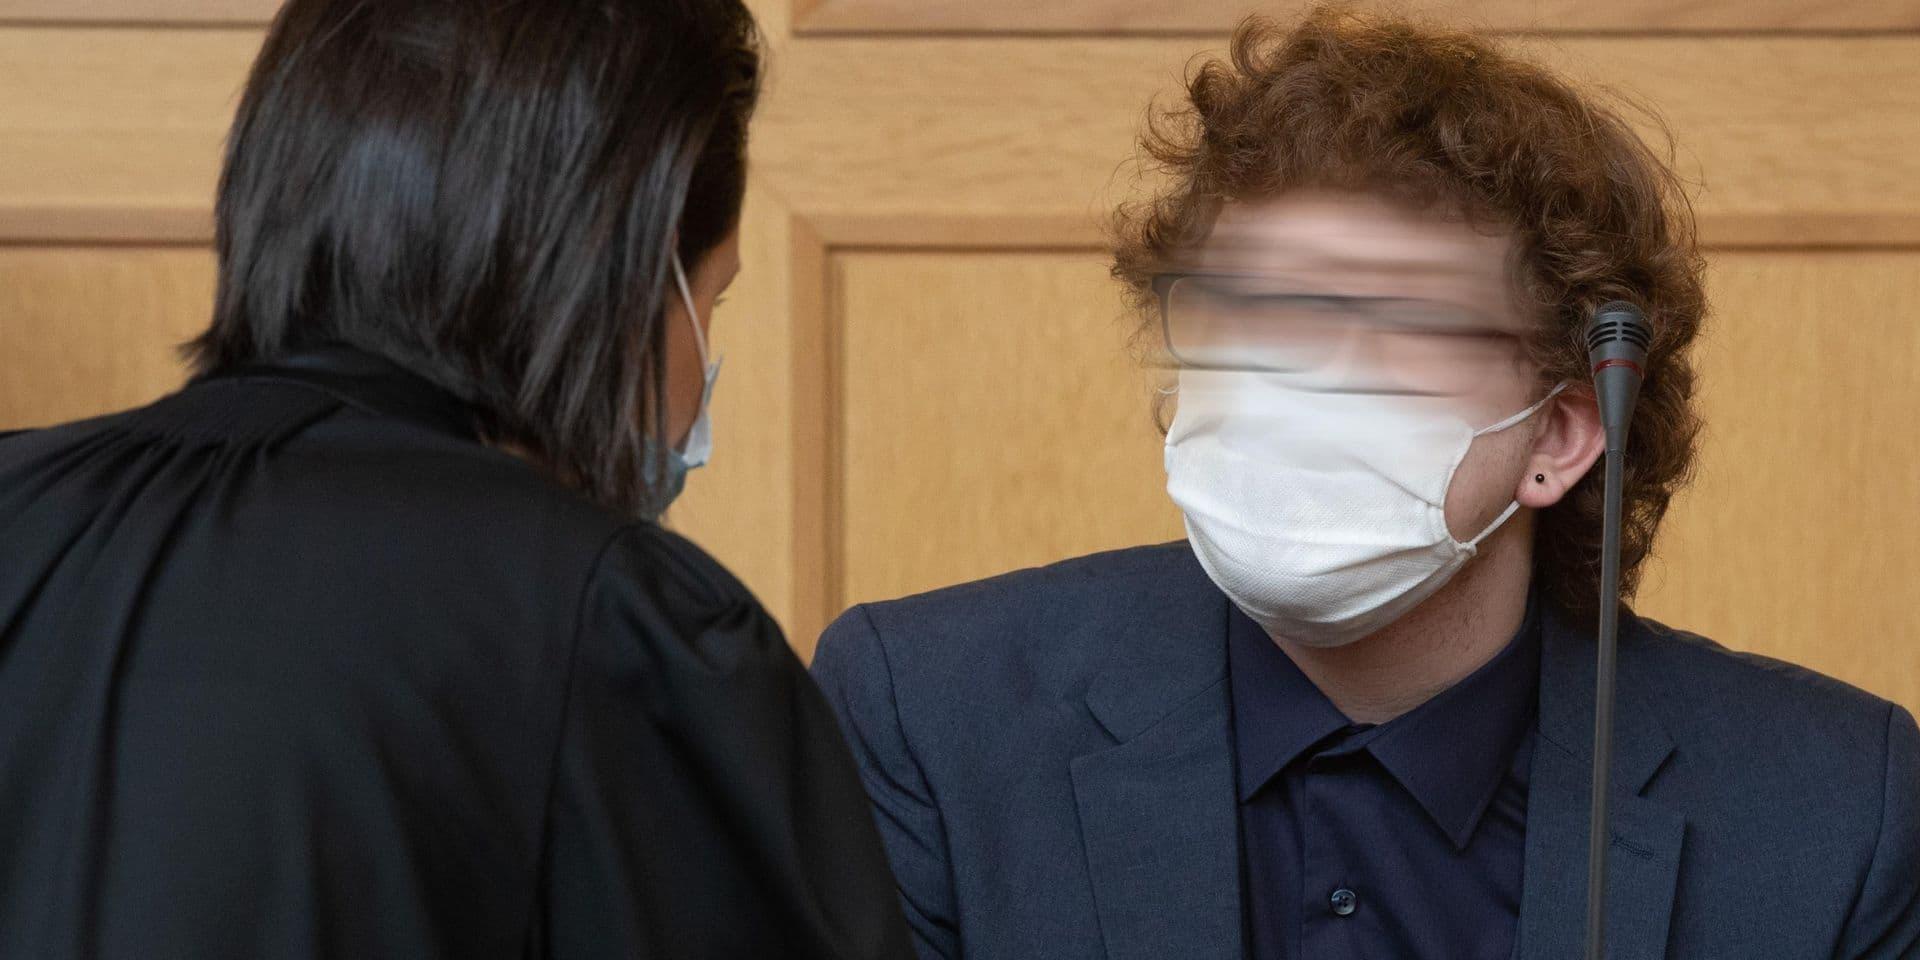 Arnaud avait tué son père à Braine-l'Alleud en avril 2019: son procès commence jeudi prochain